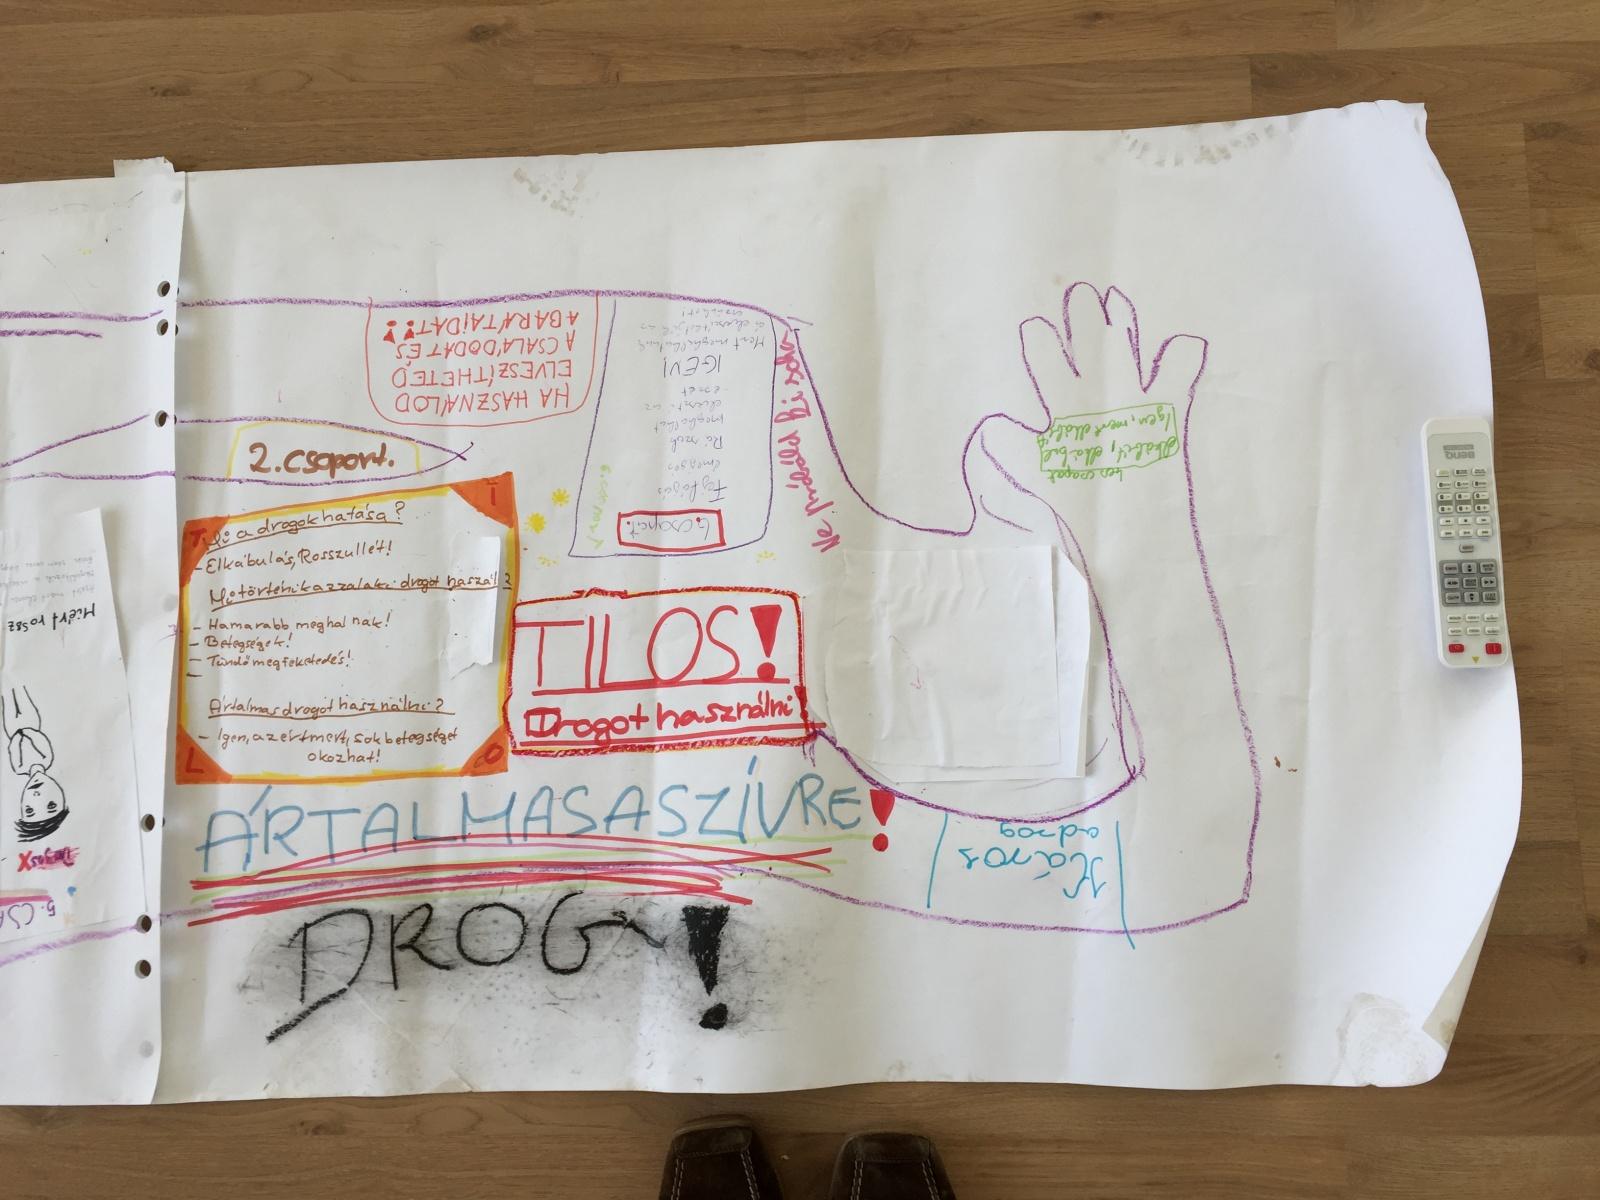 Még a tízéves gyerek is tudja, hol a drogbolt a faluban, mégsem történik semmi -